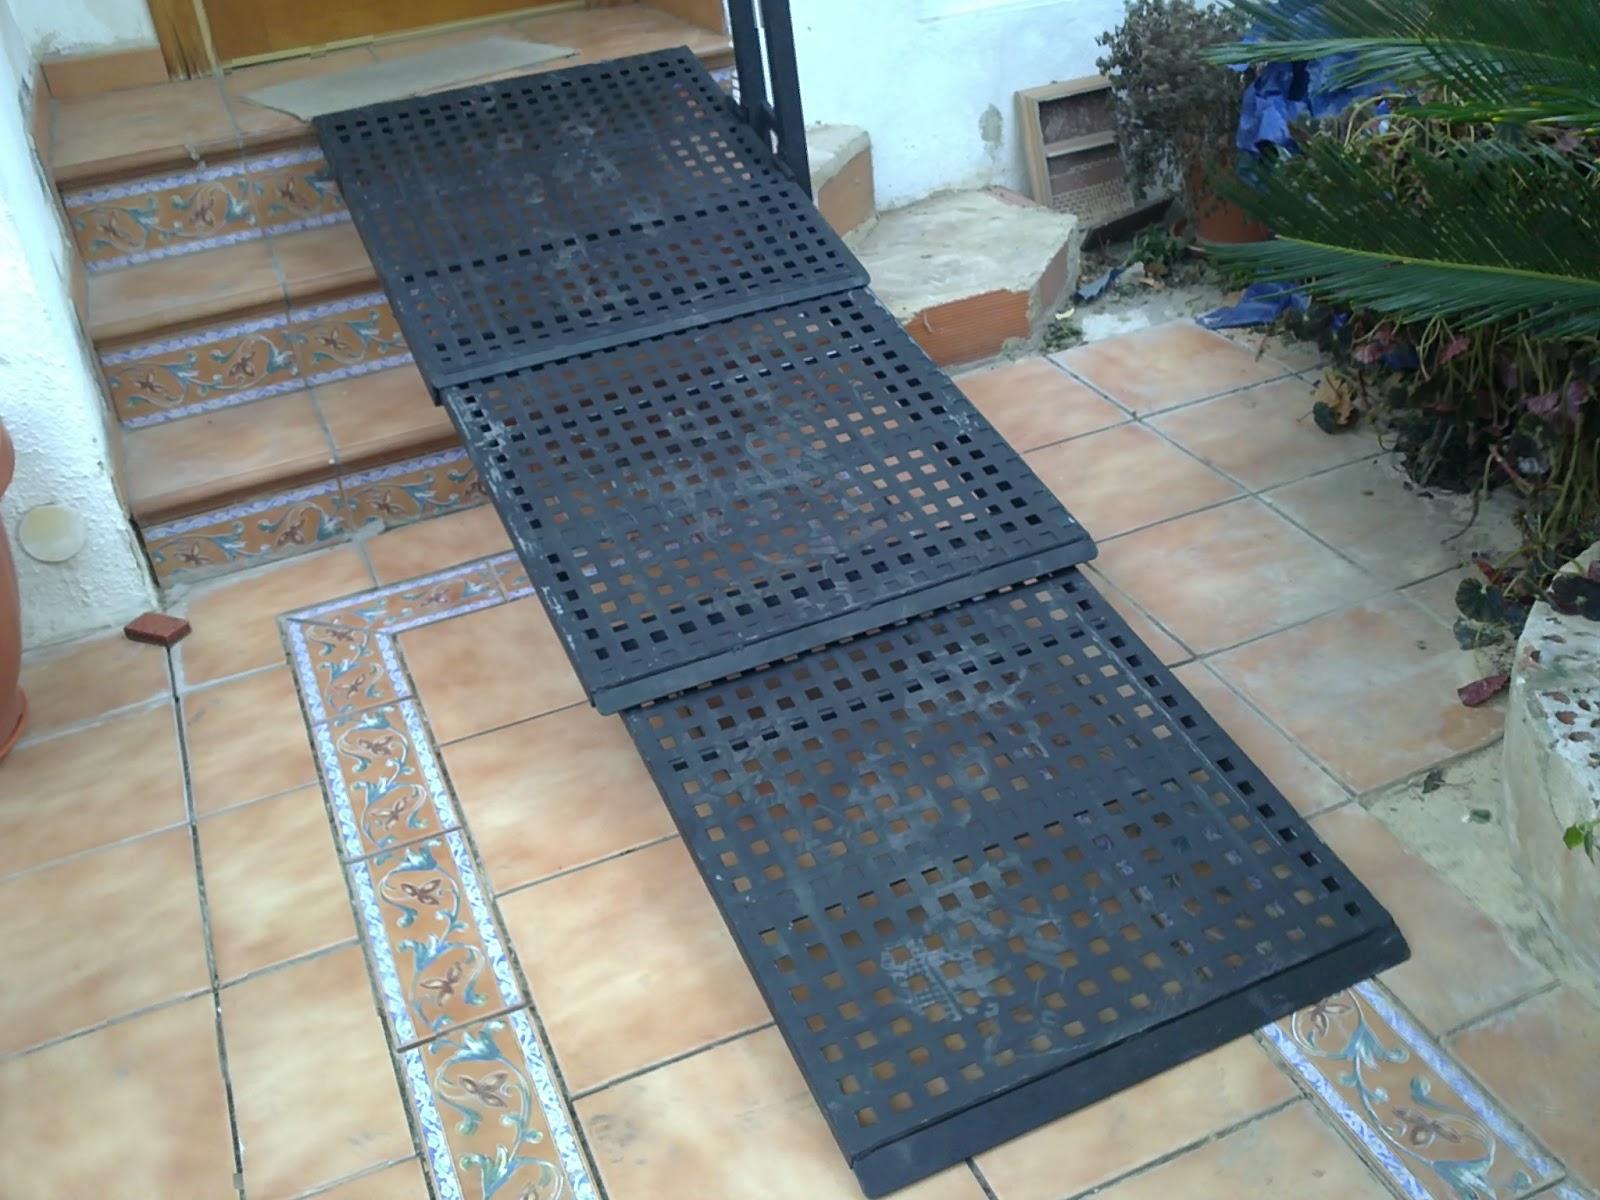 Rampa convertible en barandilla hierro acero minusv lidos for Sillas para escaleras minusvalidos